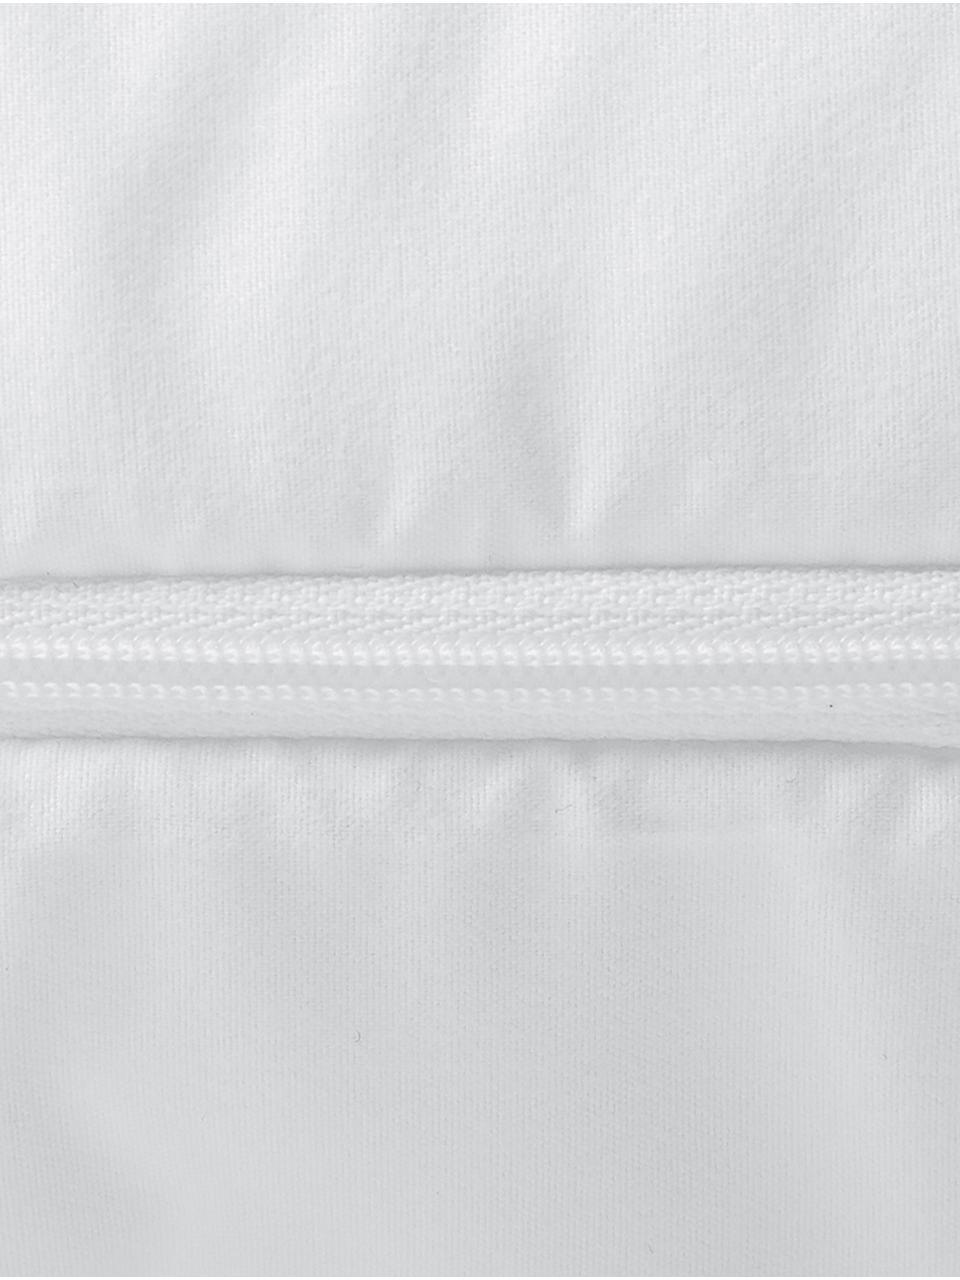 Microfaser-Kopfkissen, mittel, Bezug: Microfaser mit Rautenstep, Weiß, 80 x 80 cm